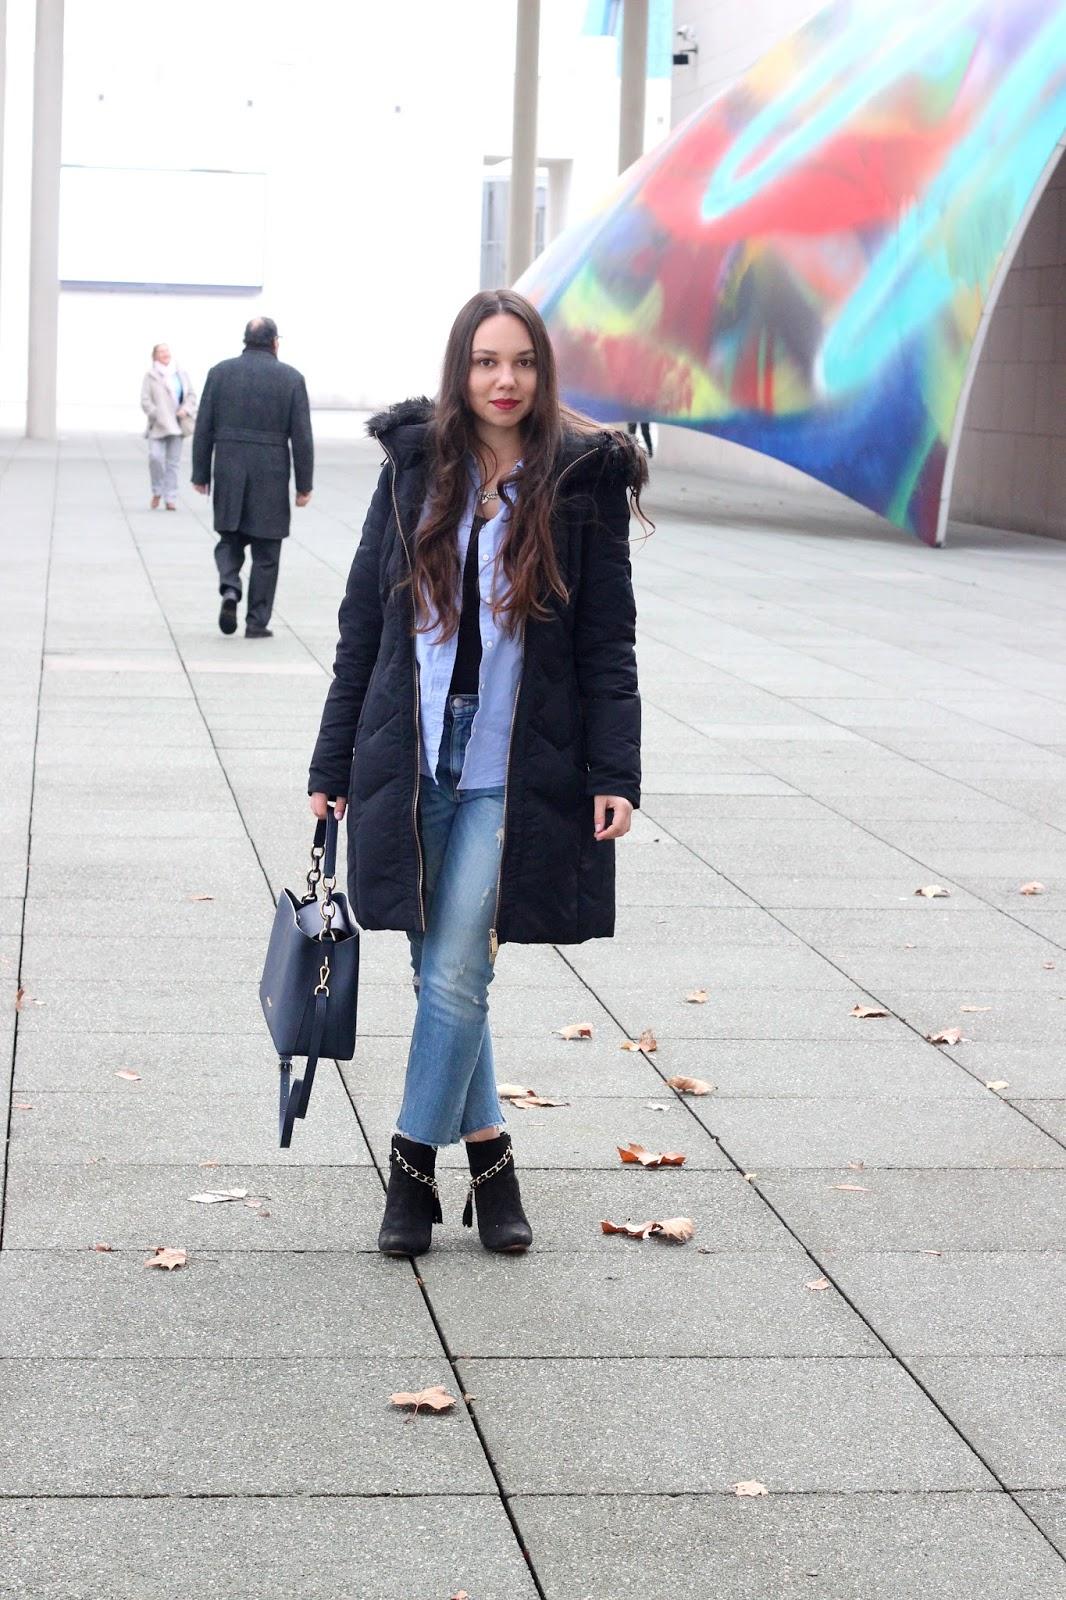 tatarische bloggerin in deutschland